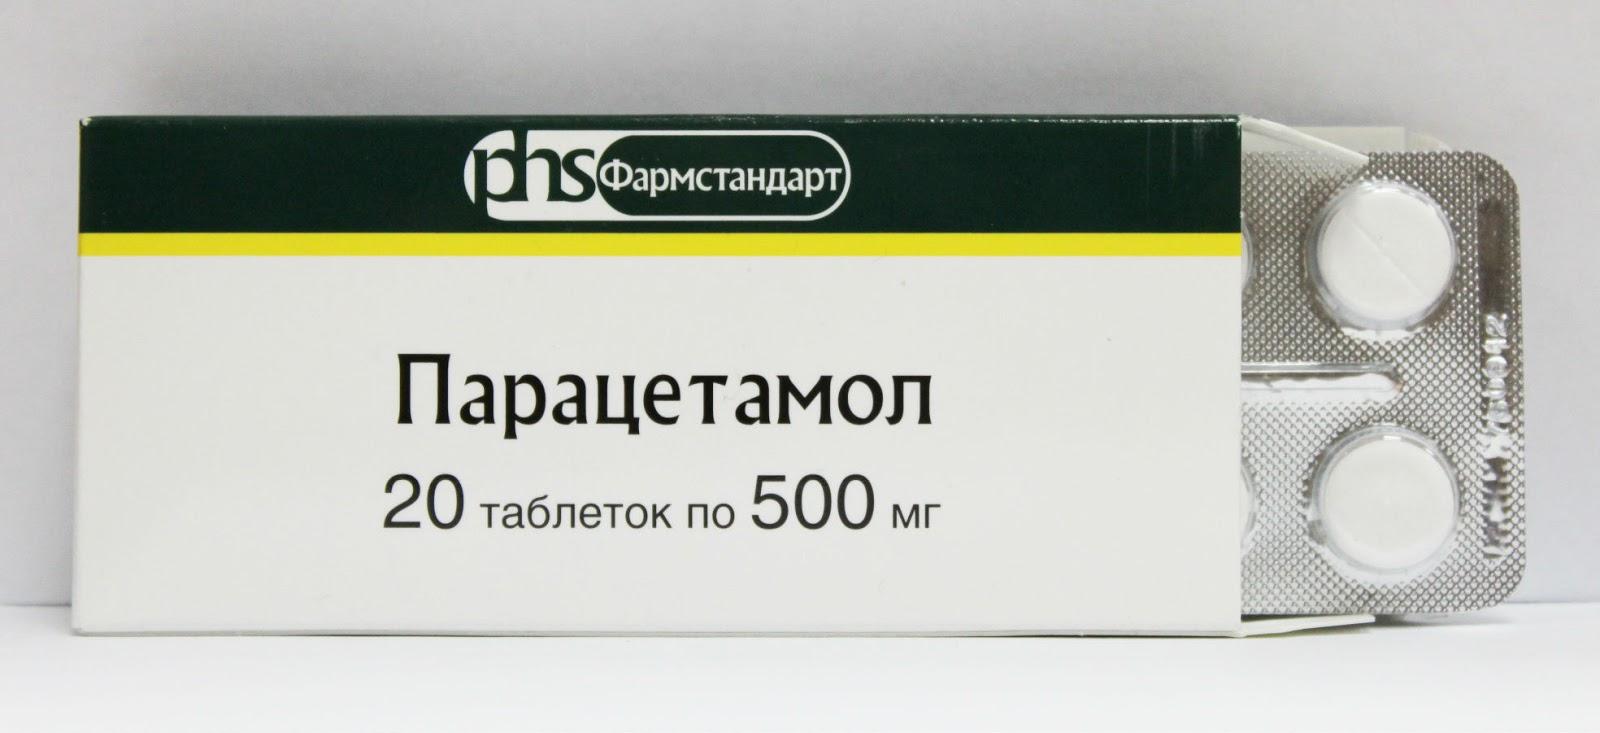 Приём Парацетамола при грудном вскармливании: особенности лечения